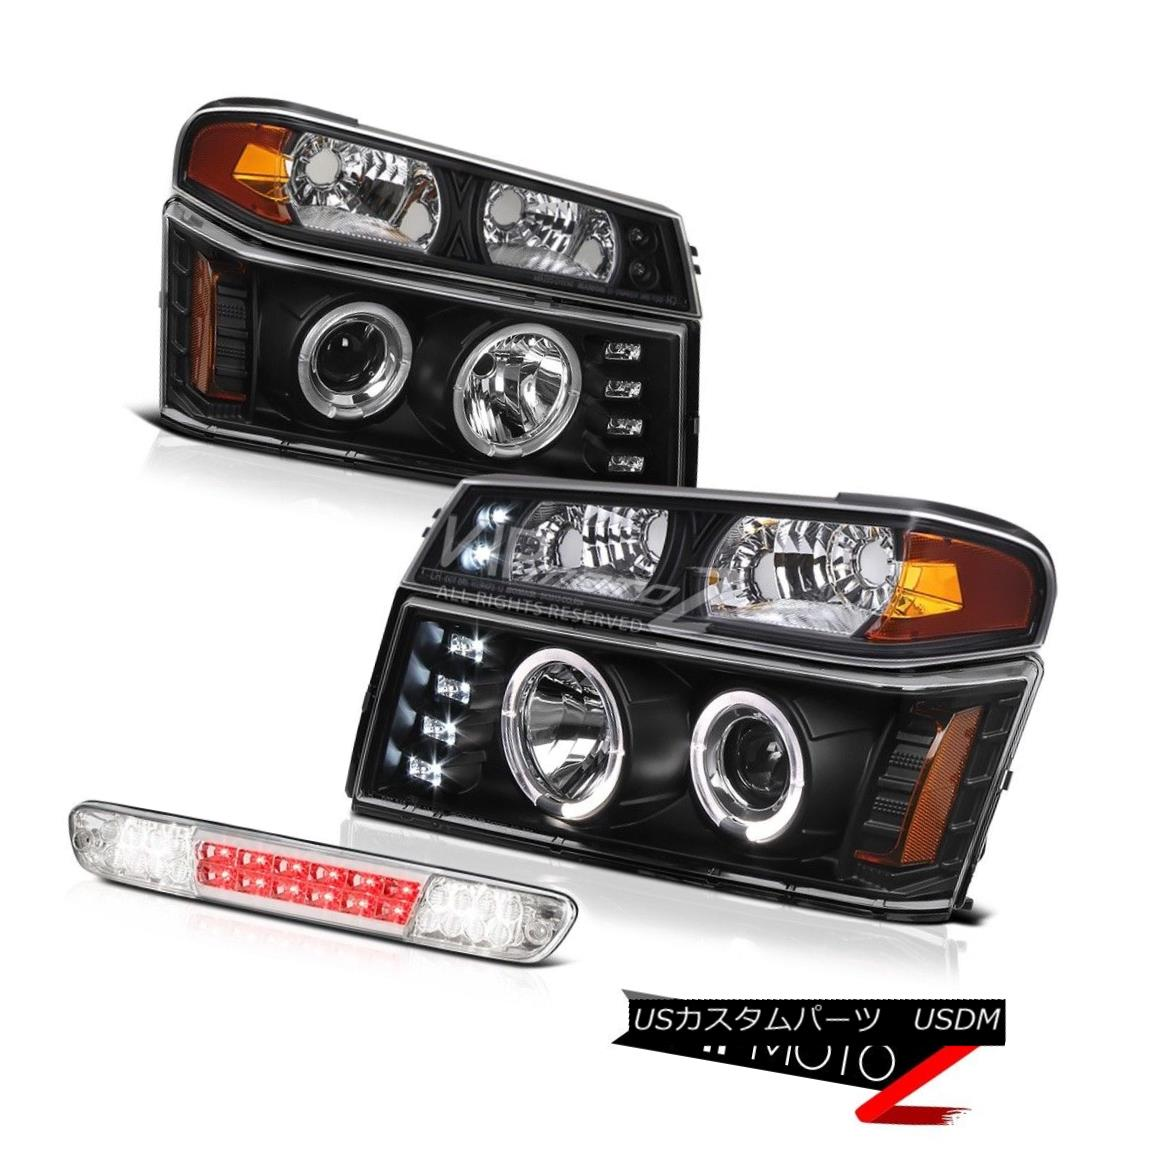 ヘッドライト 2004-2012 Gmc Canyon Matte Black Headlights Parking Lamp Euro Clear Third Brake 2004-2012 Gmcキャニオンマットブラックヘッドライトパーキングランプユーロクリア第3ブレーキ